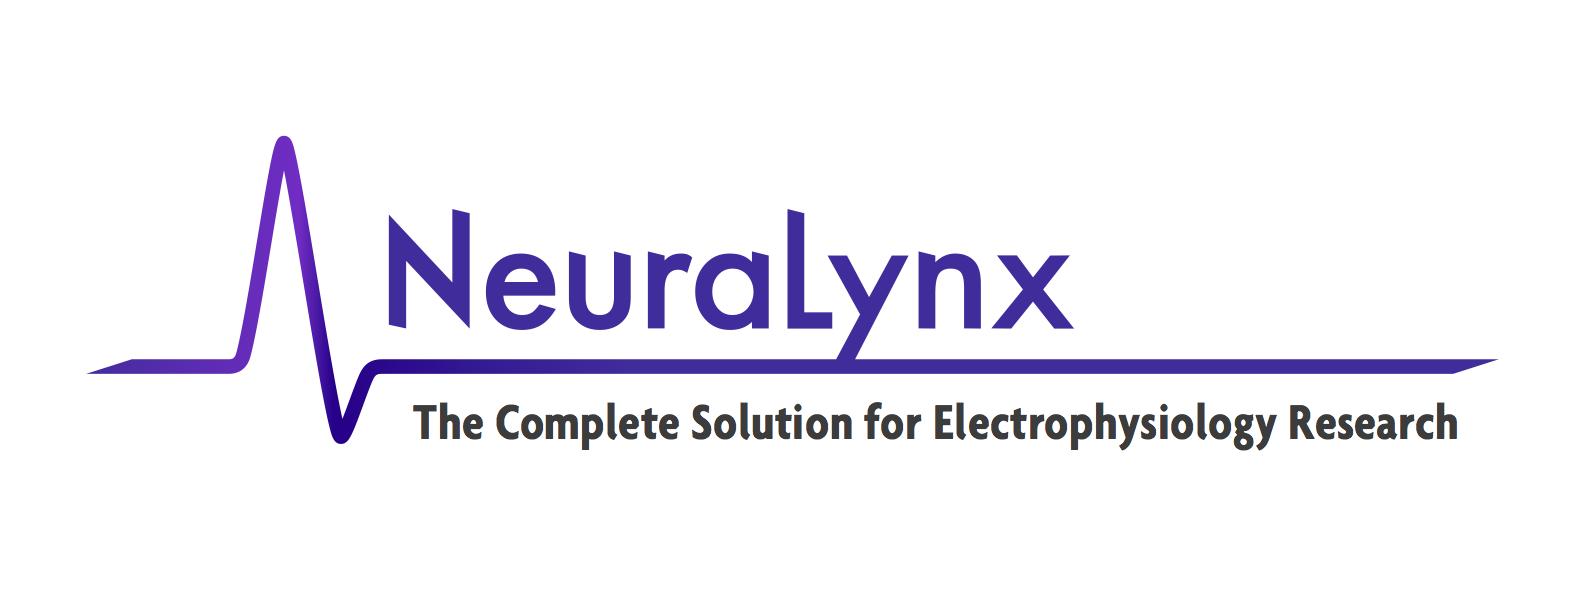 Neurolynx